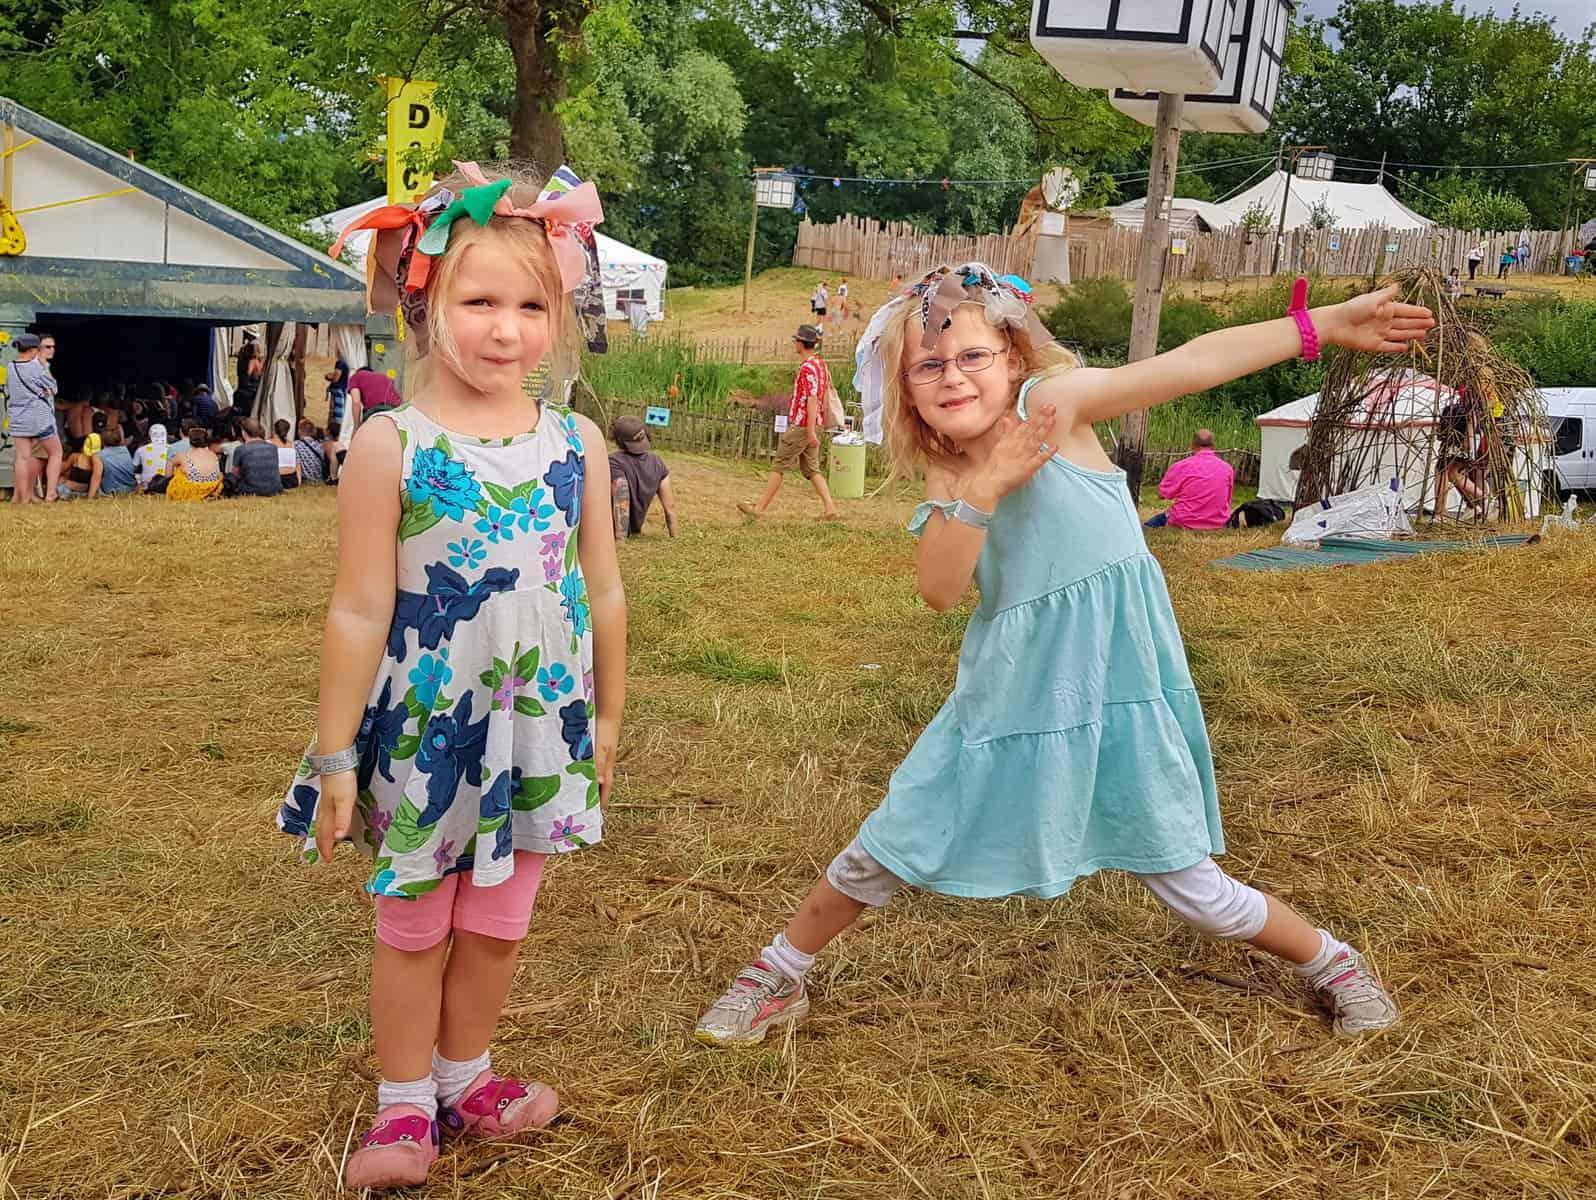 Nozstock the hidden valley festival - two girls dancing